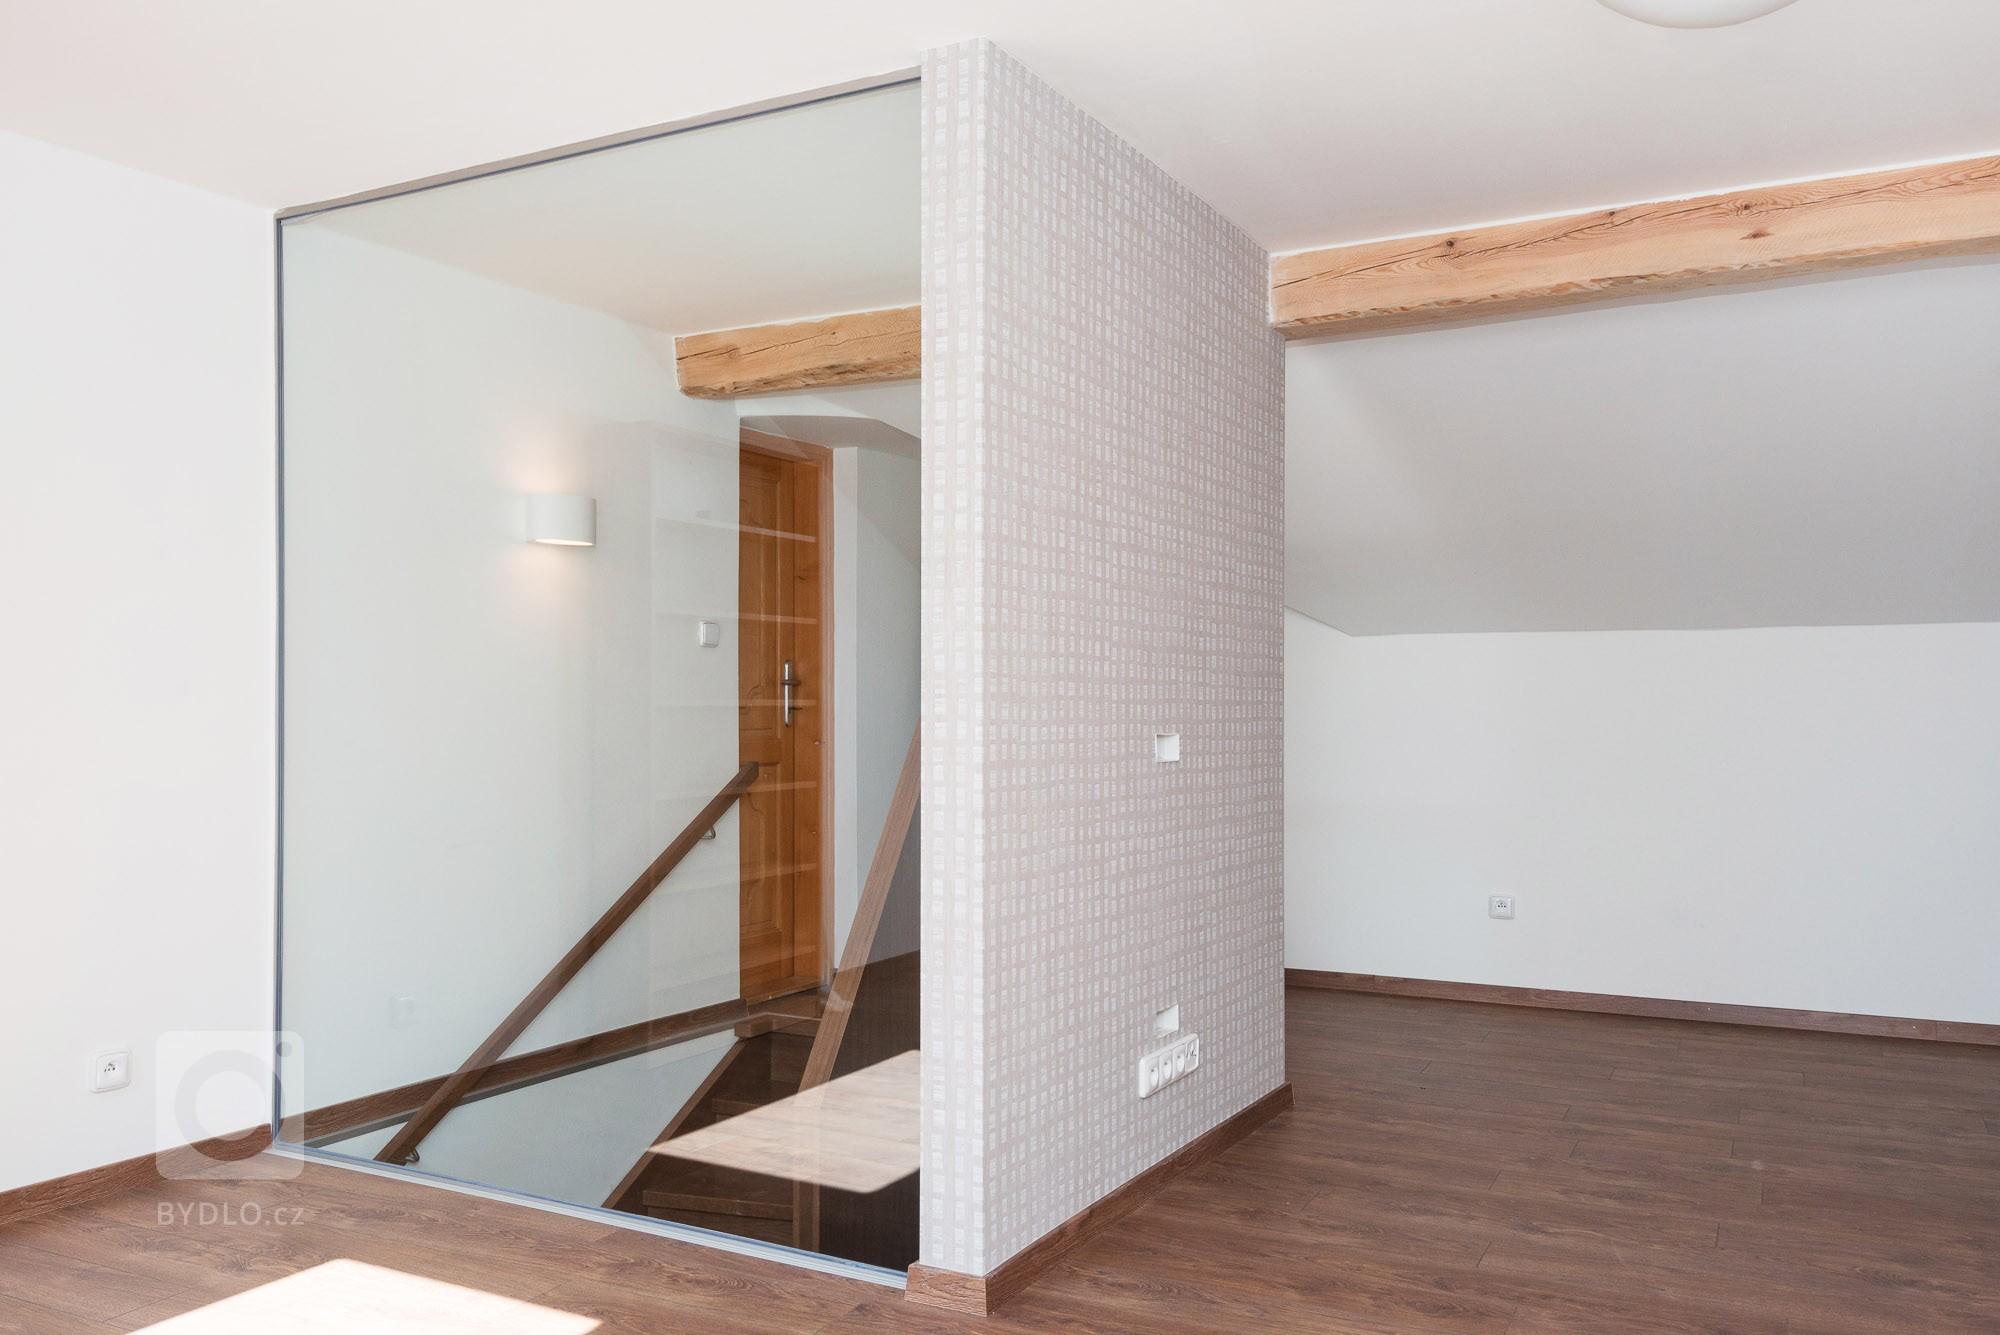 Rekonštrukcia rodinného domu skompletne novým interiérom. Krásne schodisko tvoriace srdce domu vyrobeného zdubového masívu adýhy slúžiacim aj…